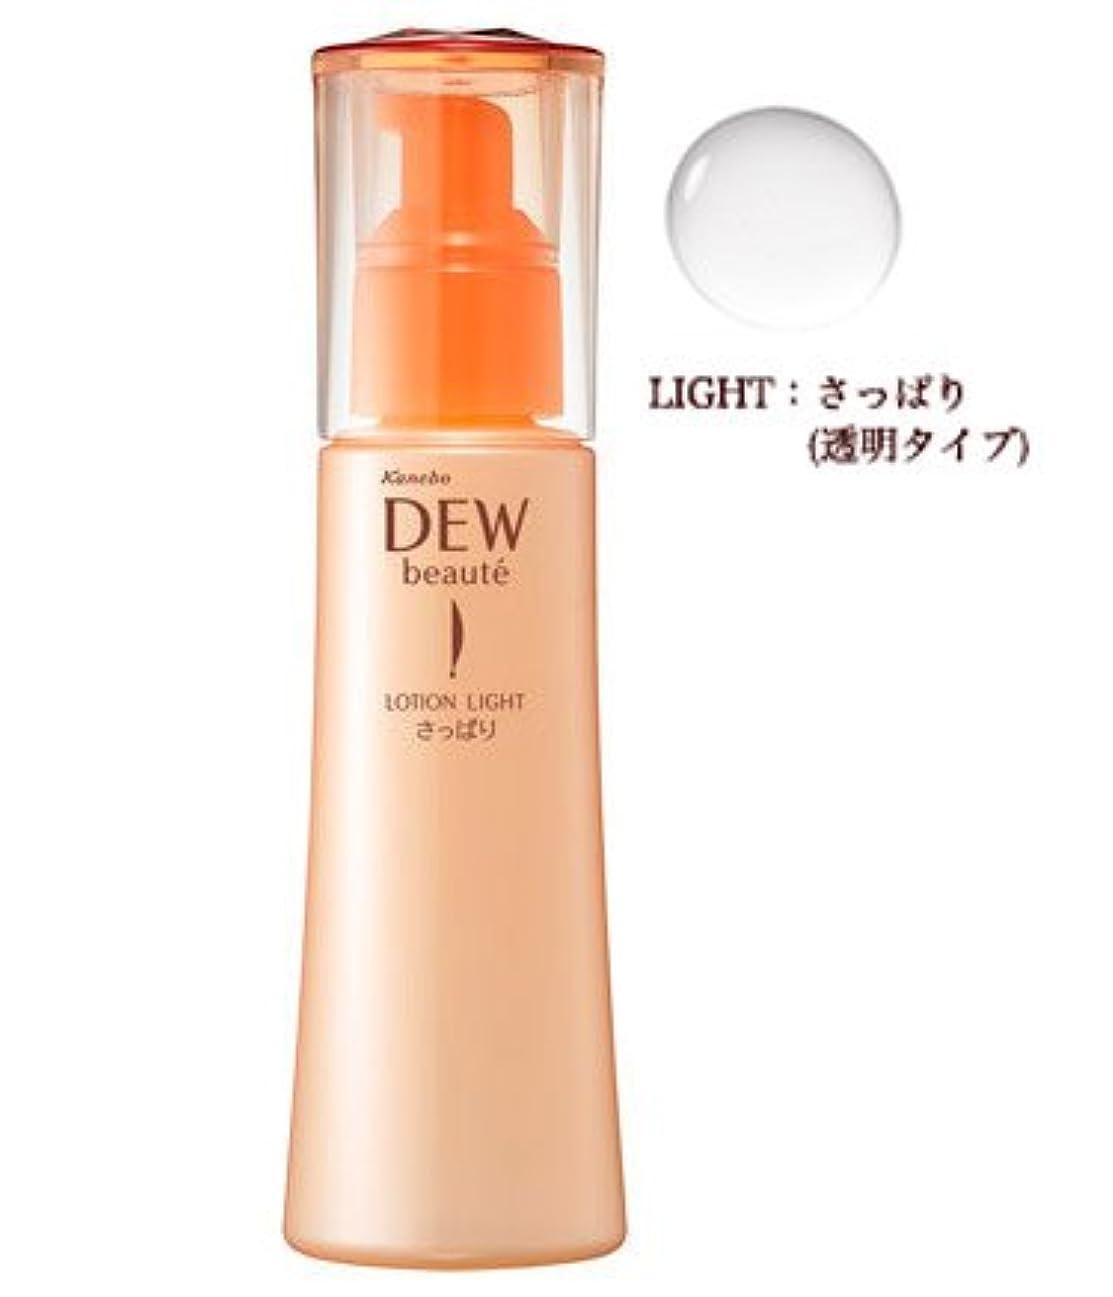 富豪釈義静けさ【カネボウ化粧品】DEW ボーテ ローションライト 150ml